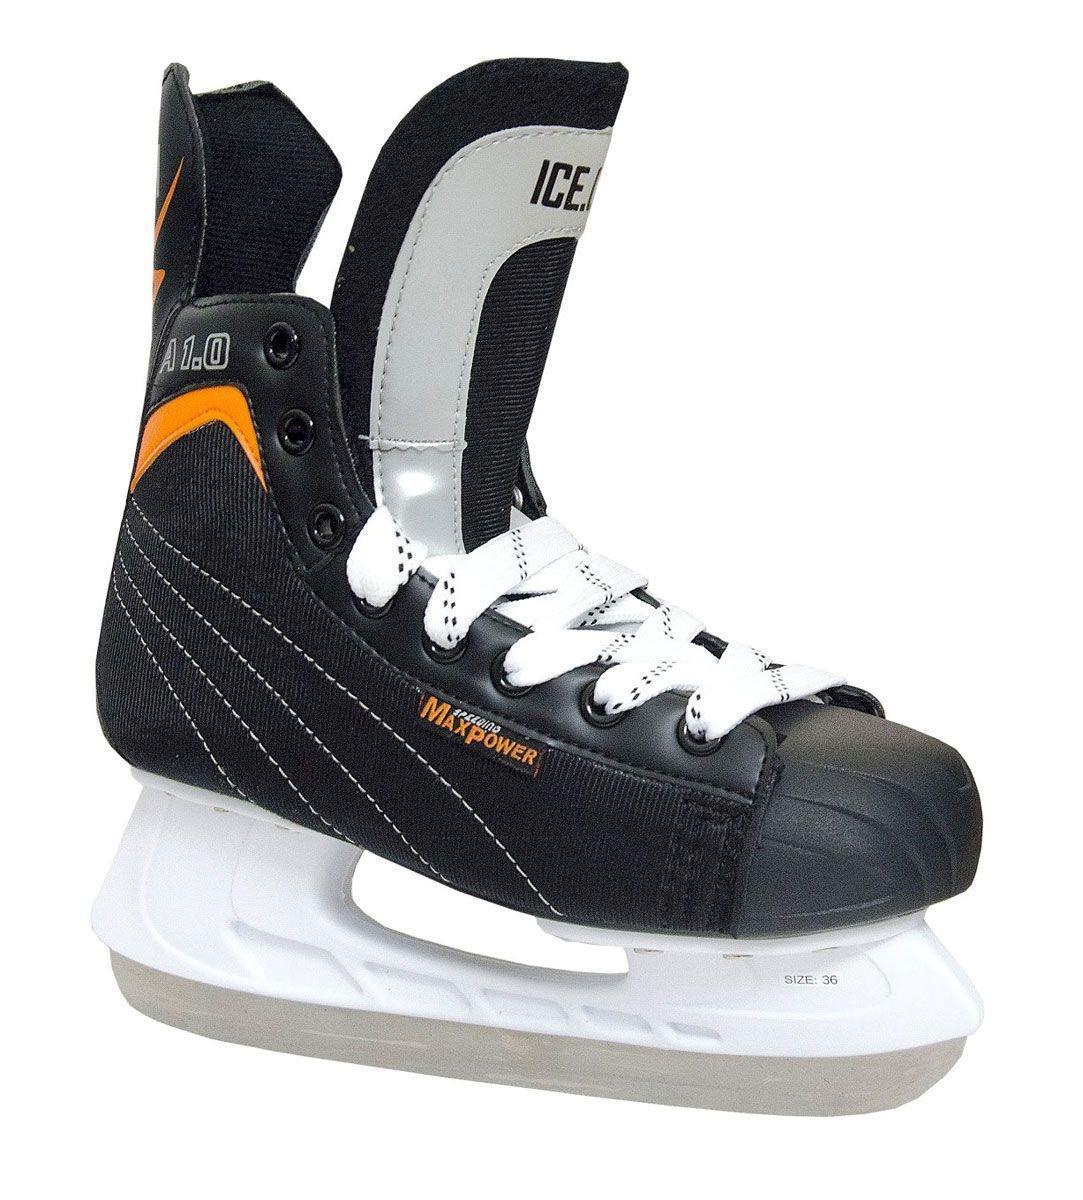 Коньки хоккейные Ice.Com A 1.0 2014, цвет: черный, оранжевый. Размер 37